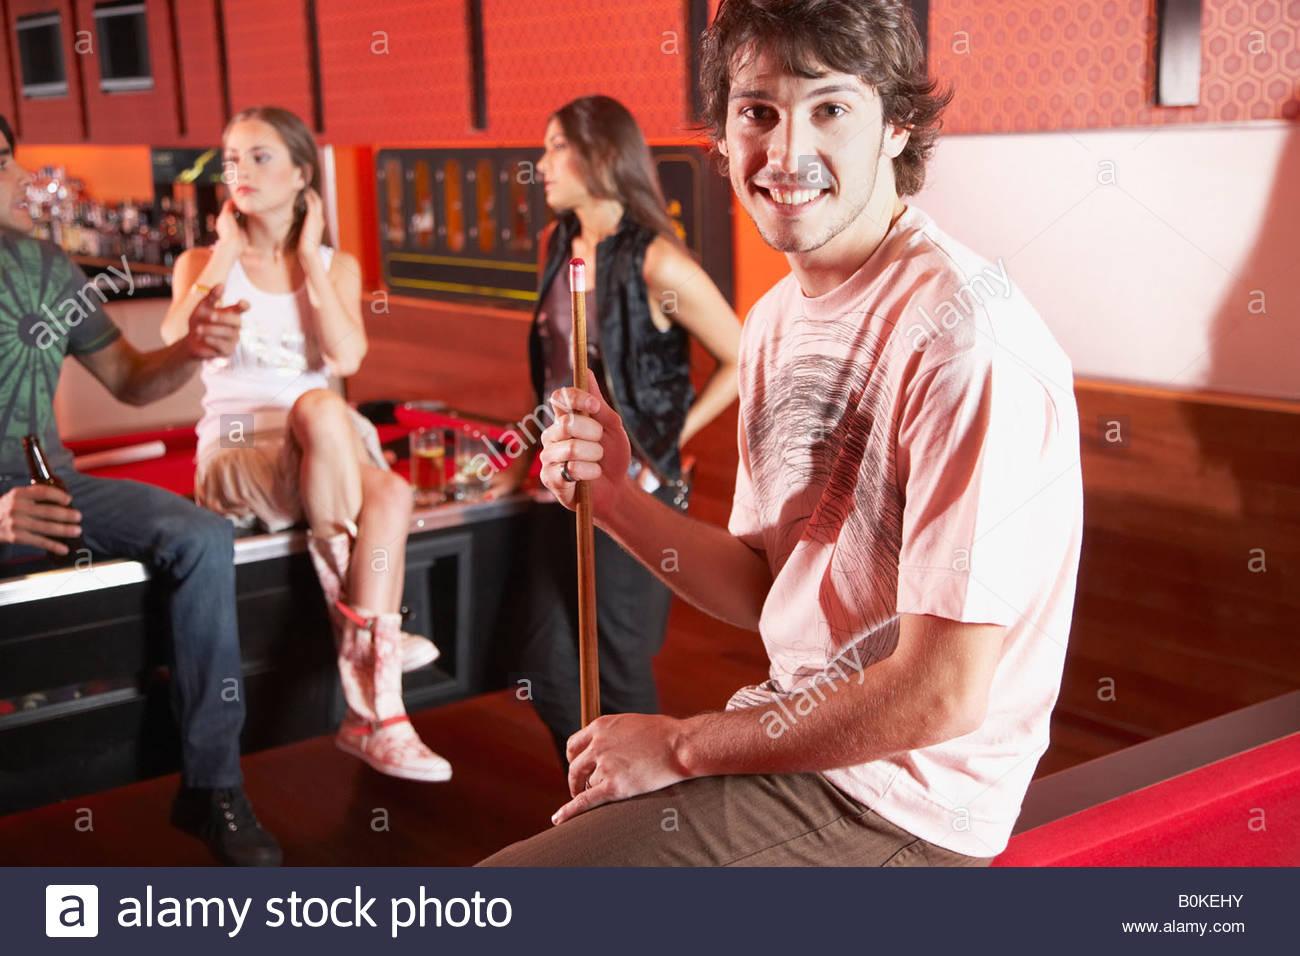 Uomo seduto sul tavolo da biliardo sorridente e holding pool cue Immagini Stock